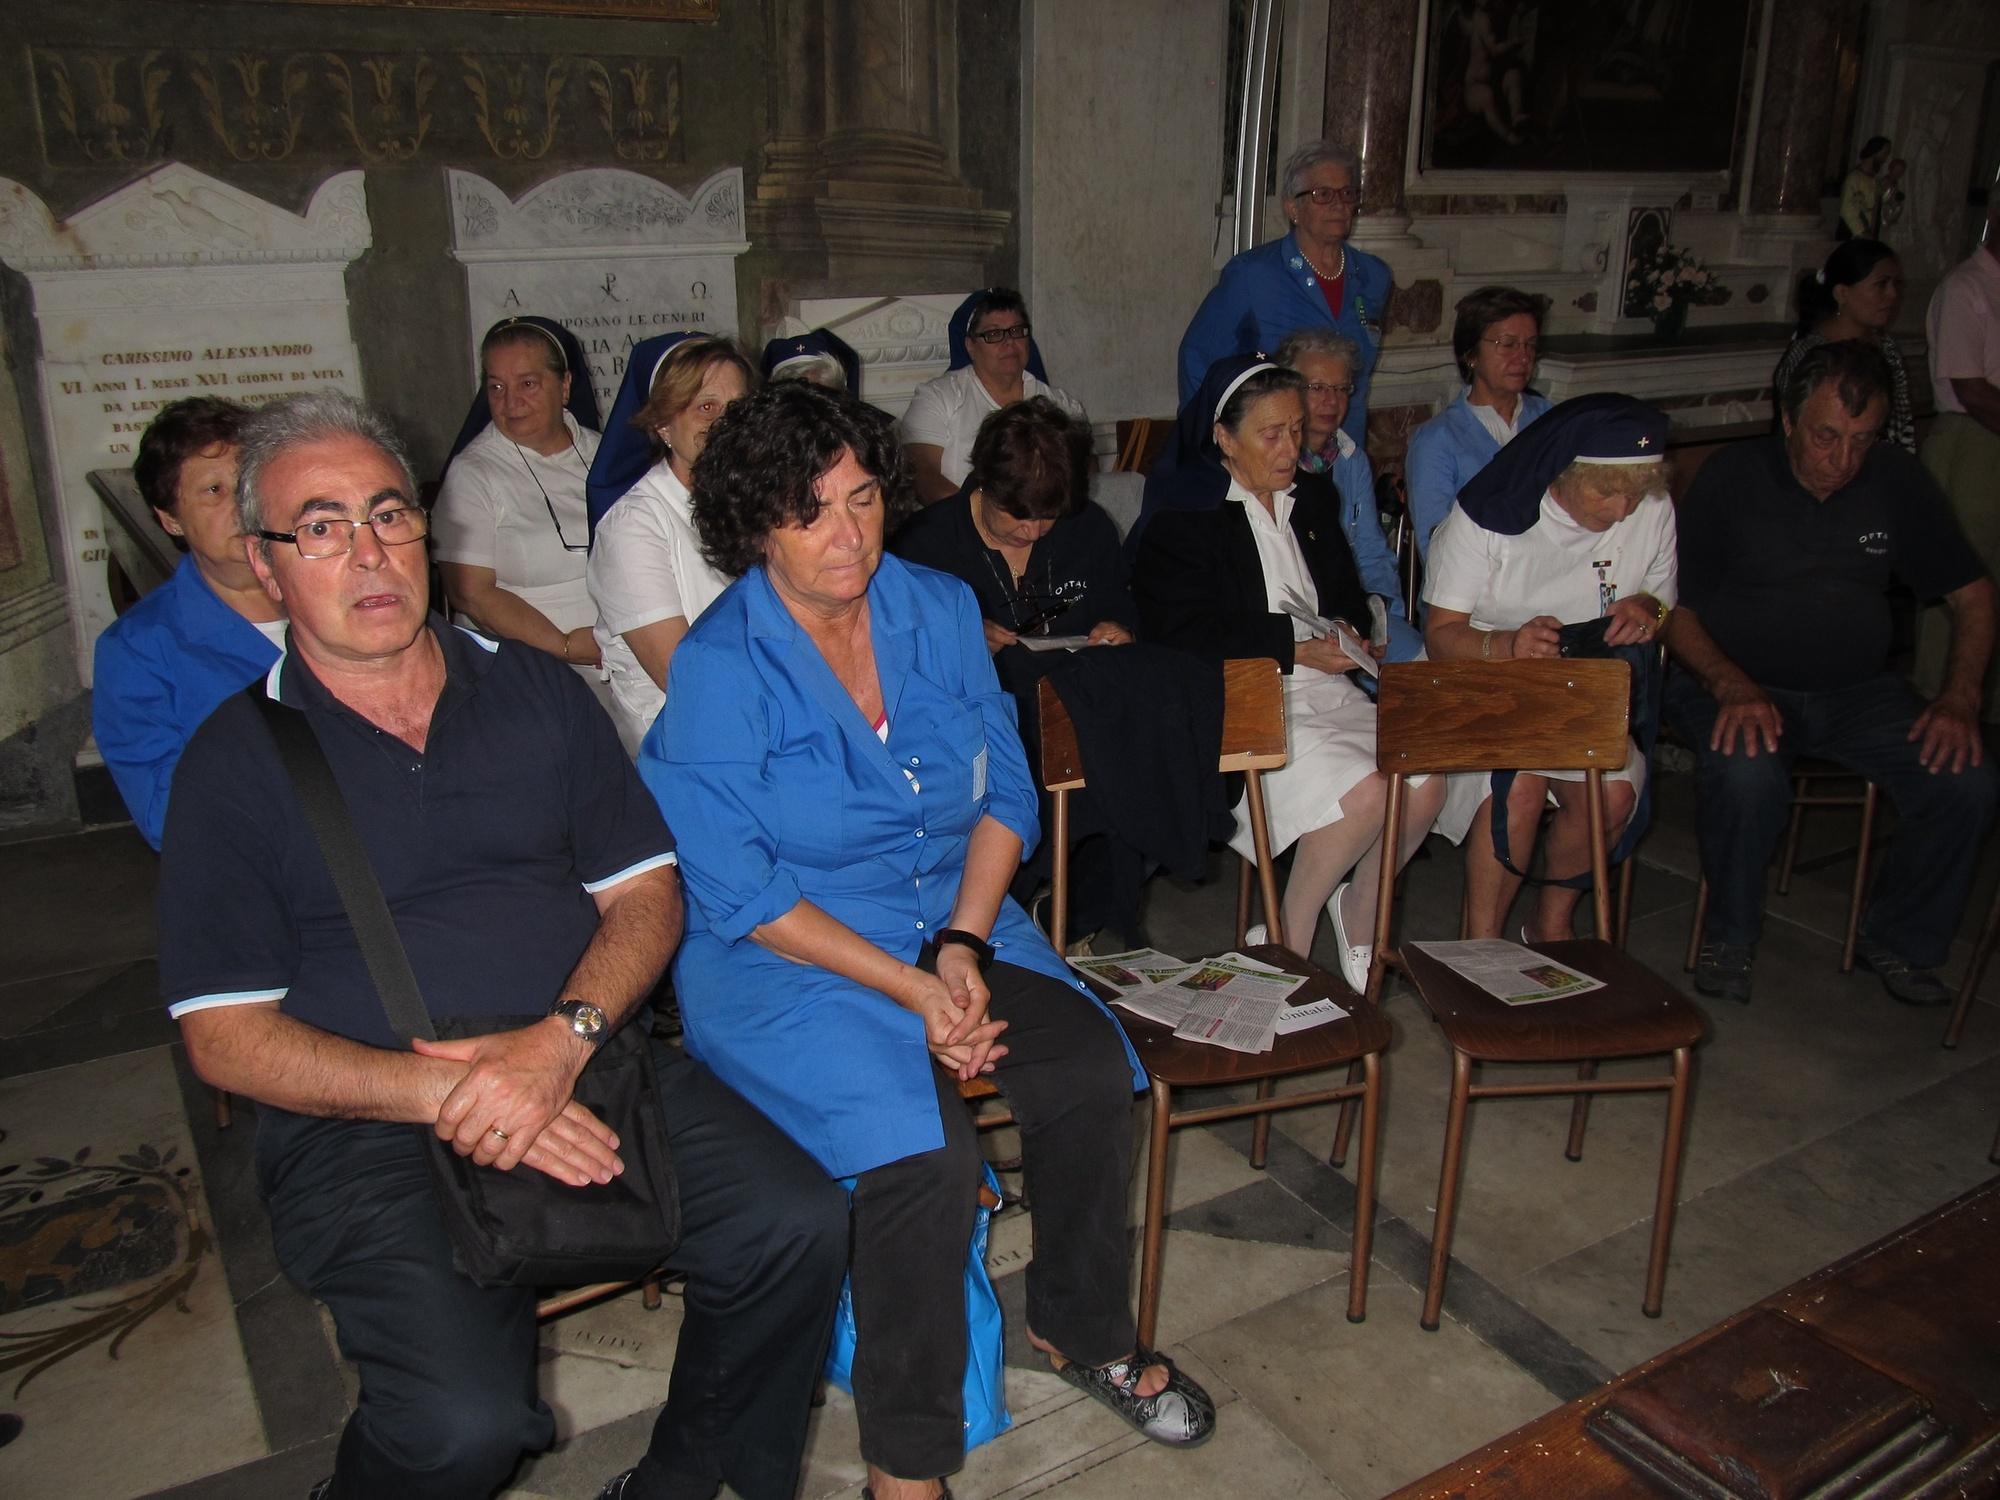 giornata-vicariale-malato-2014-09-28-16-48-02